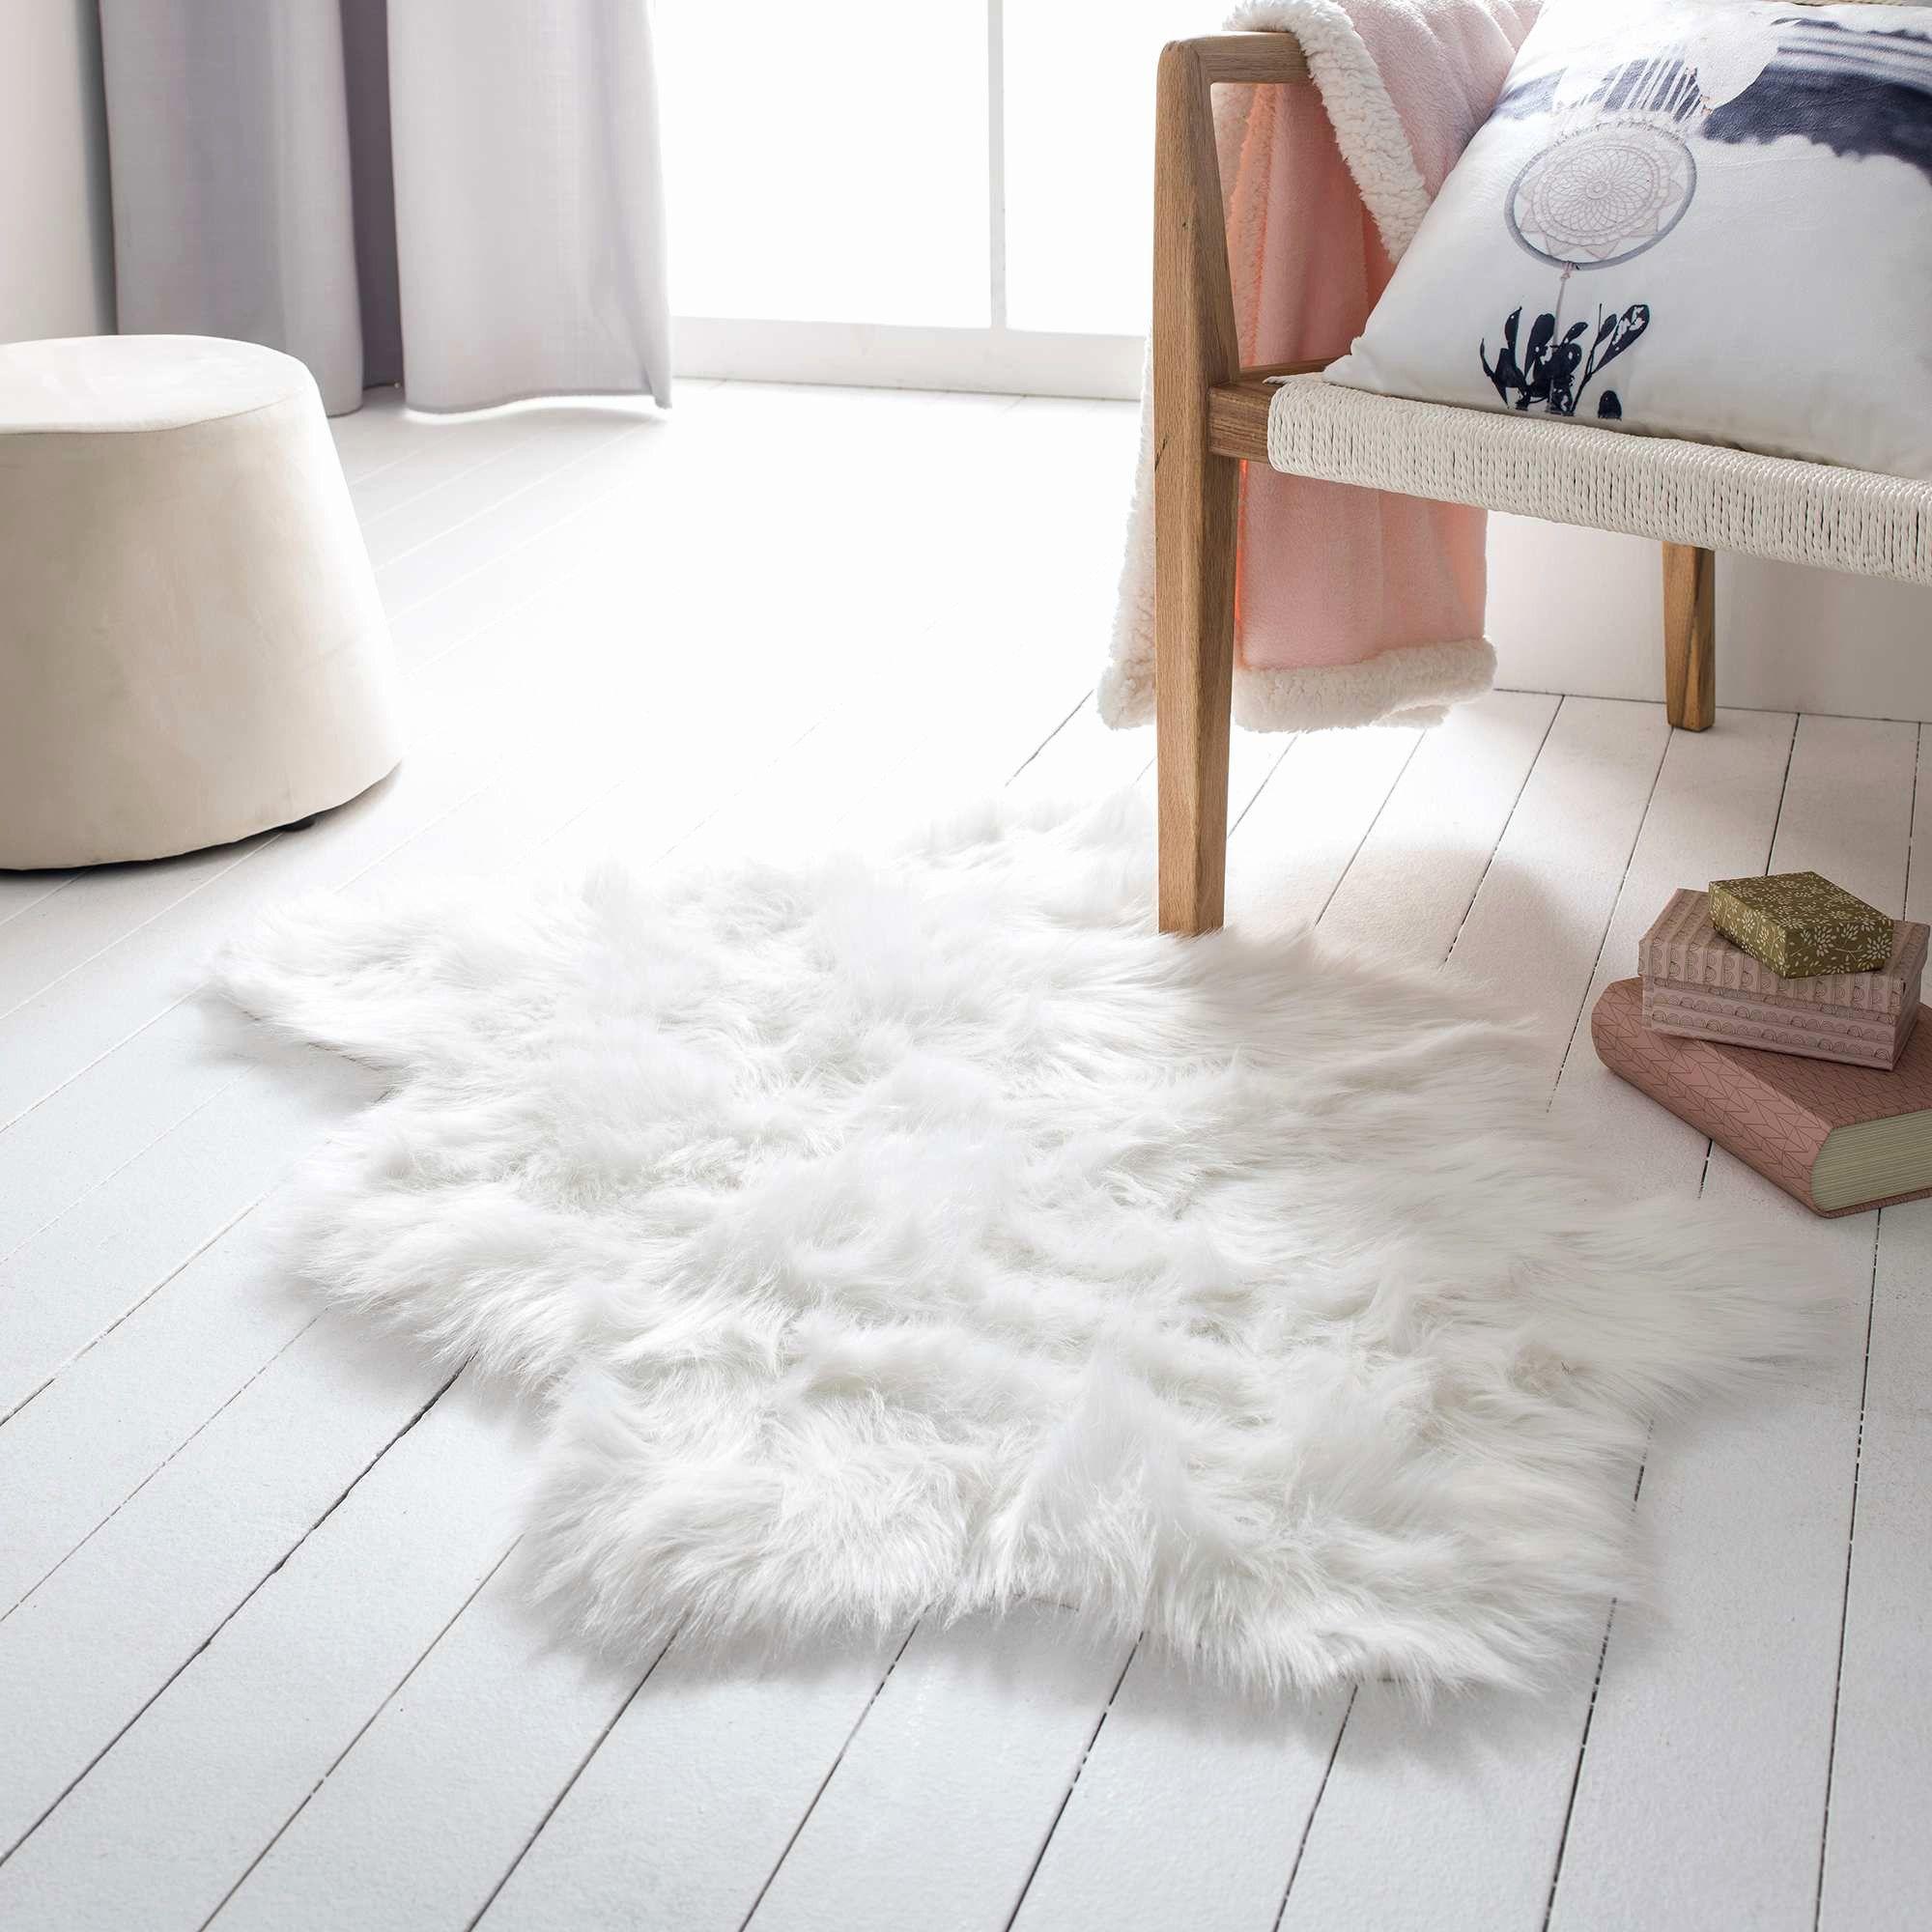 luxury nettoyer tapis poil long shag